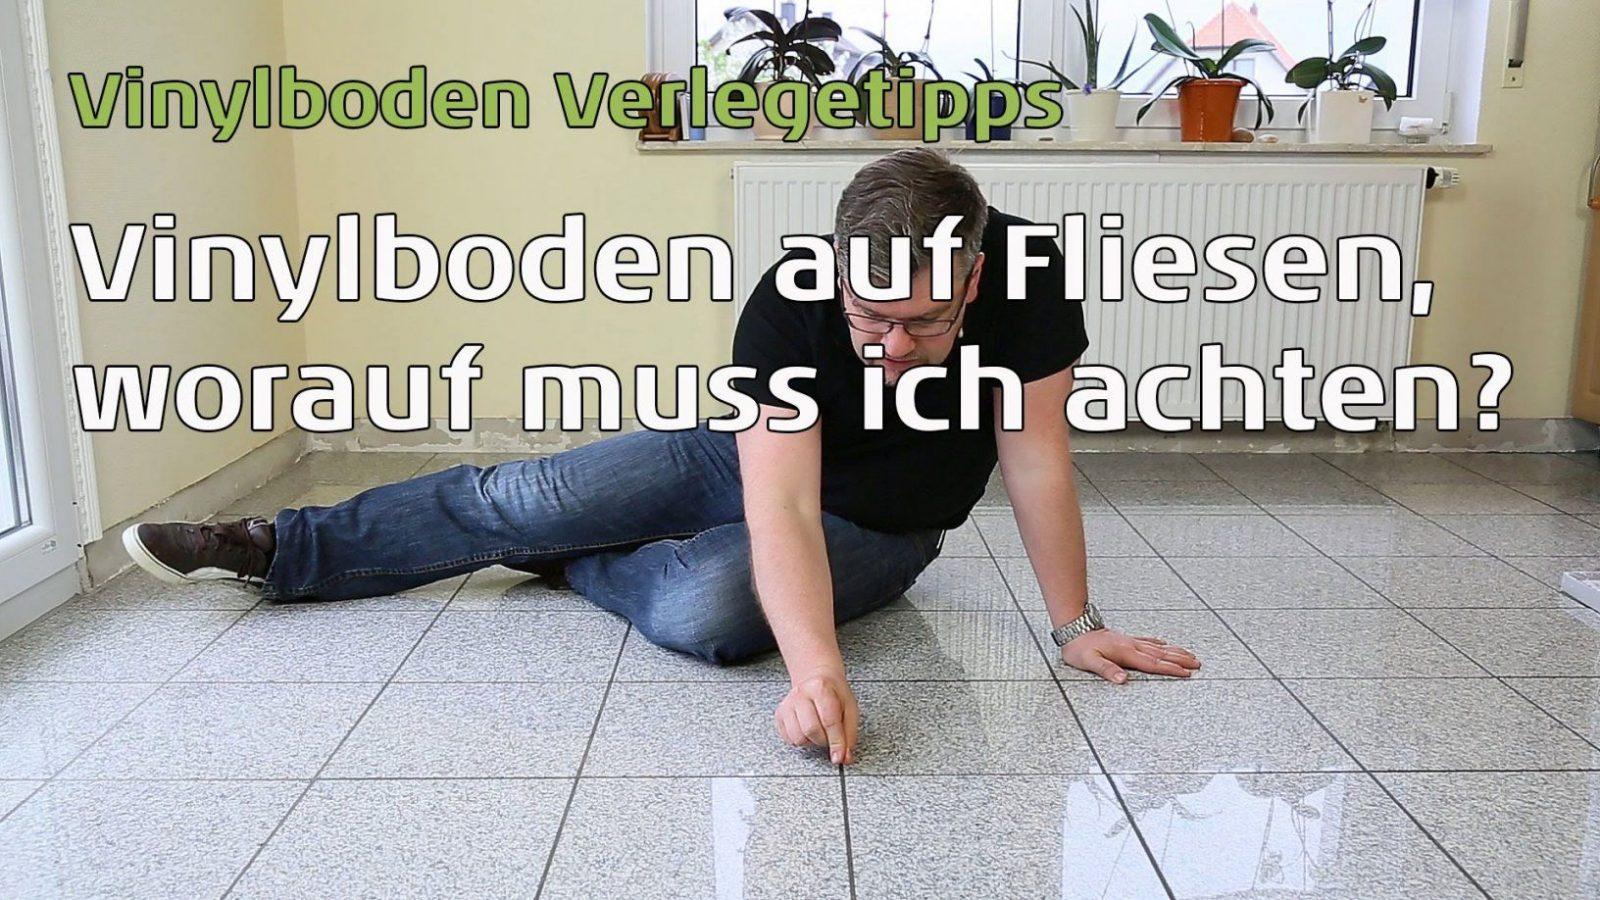 Vinylboden Auf Fliesen Verlegen Wie Breit Und Tief Darf Die Fuge von Vinyl Auf Fliesen Verlegen Bild